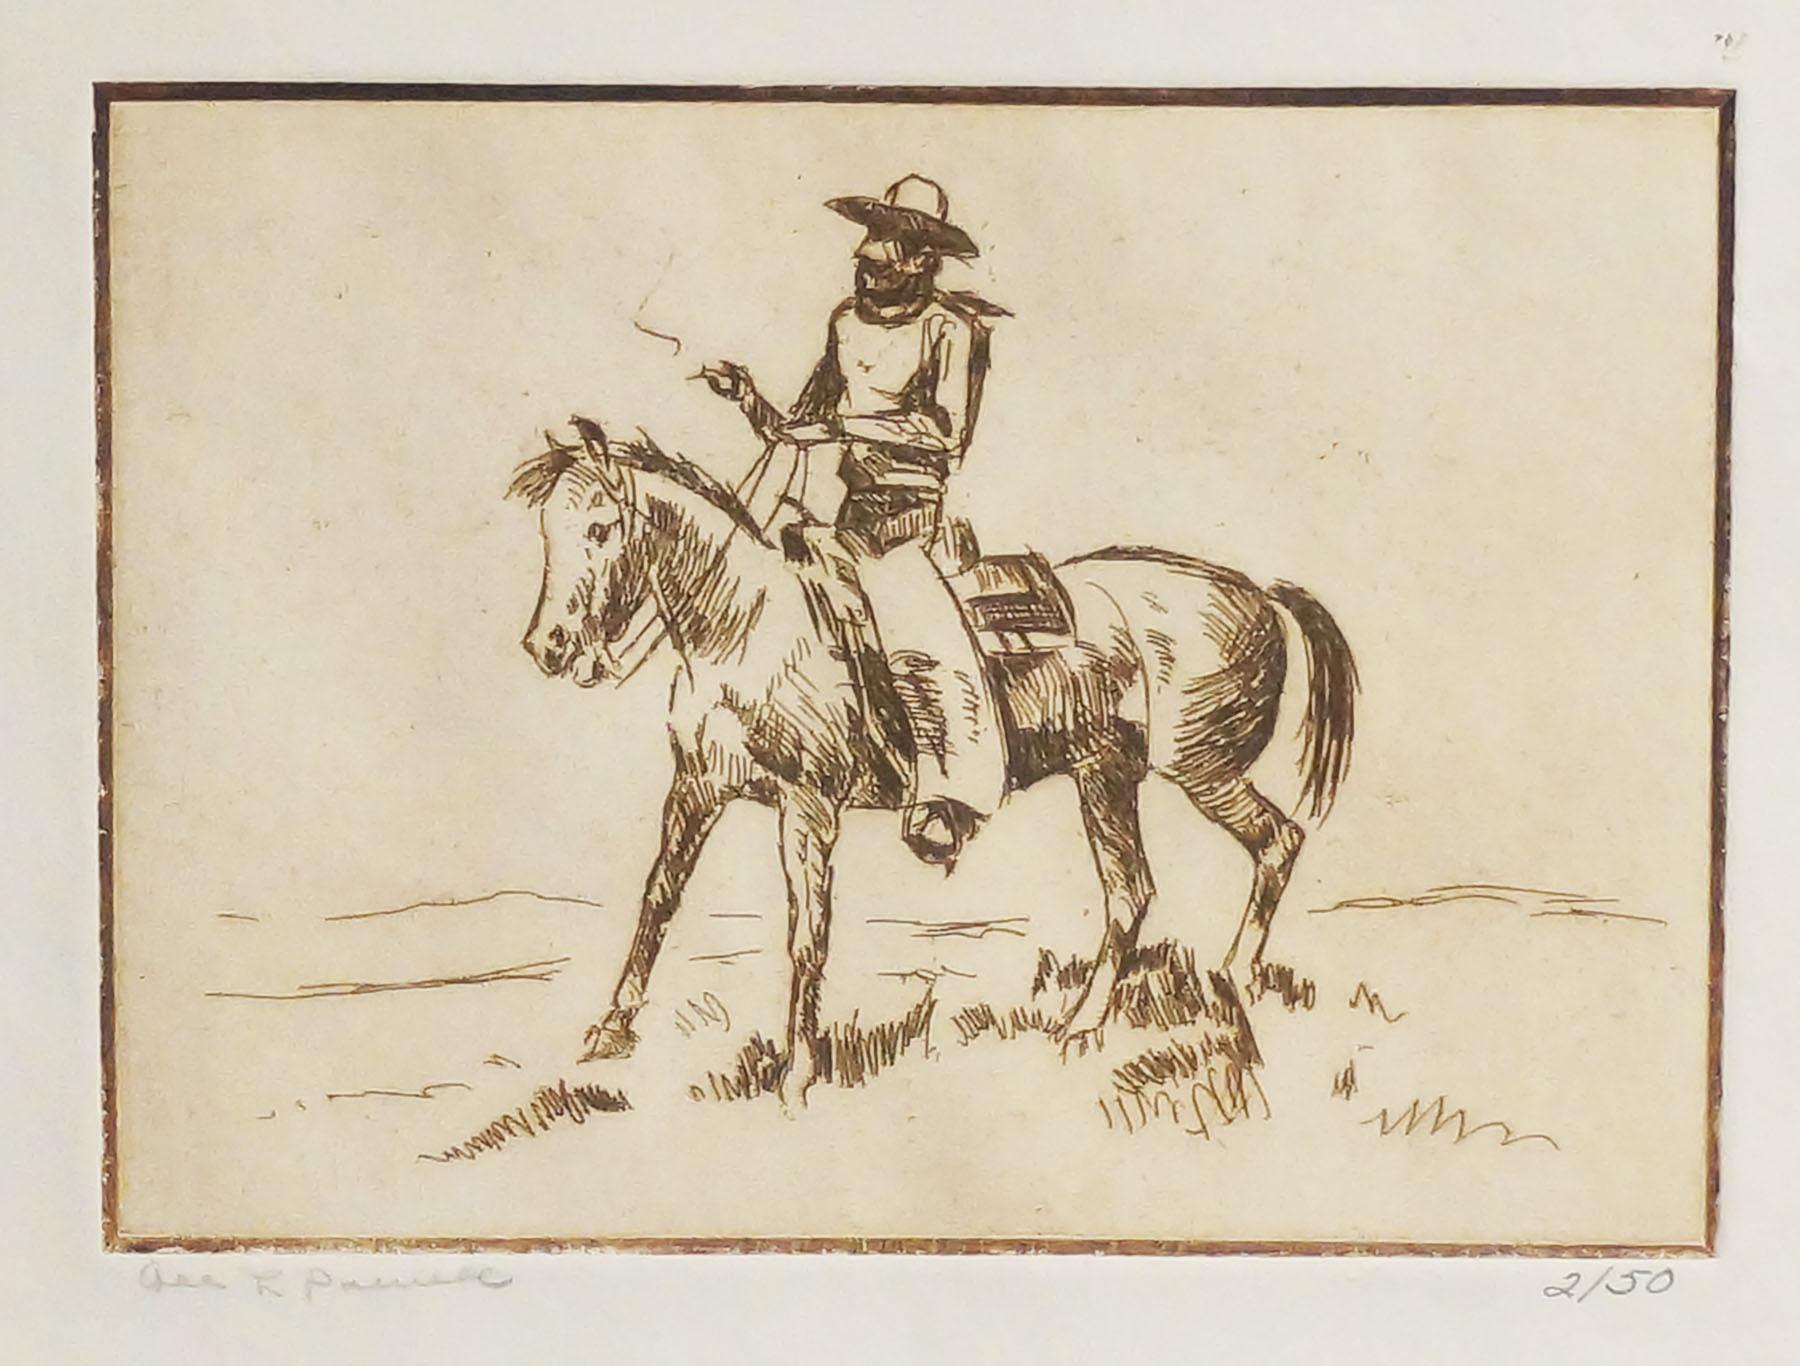 733-acepowellcowboyquirt